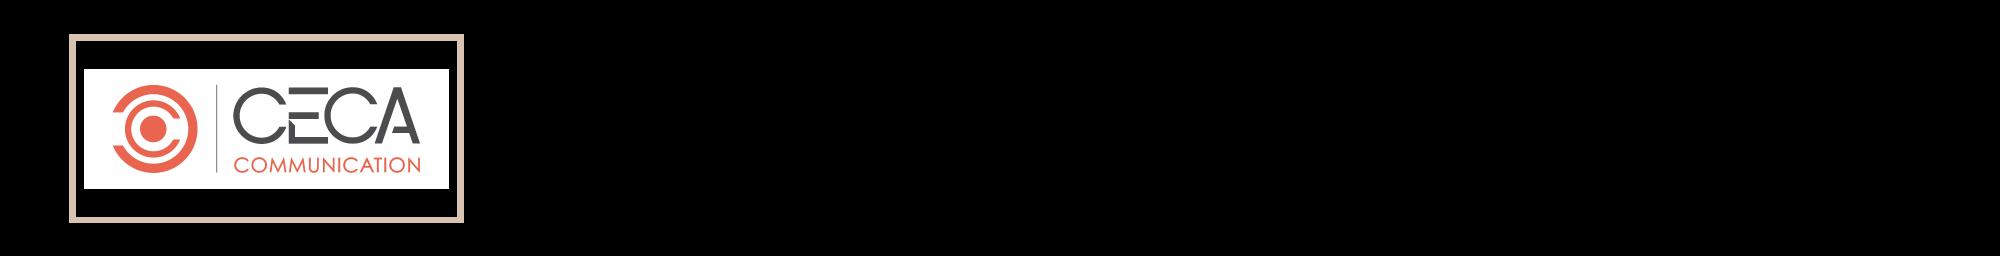 CECA-ENG